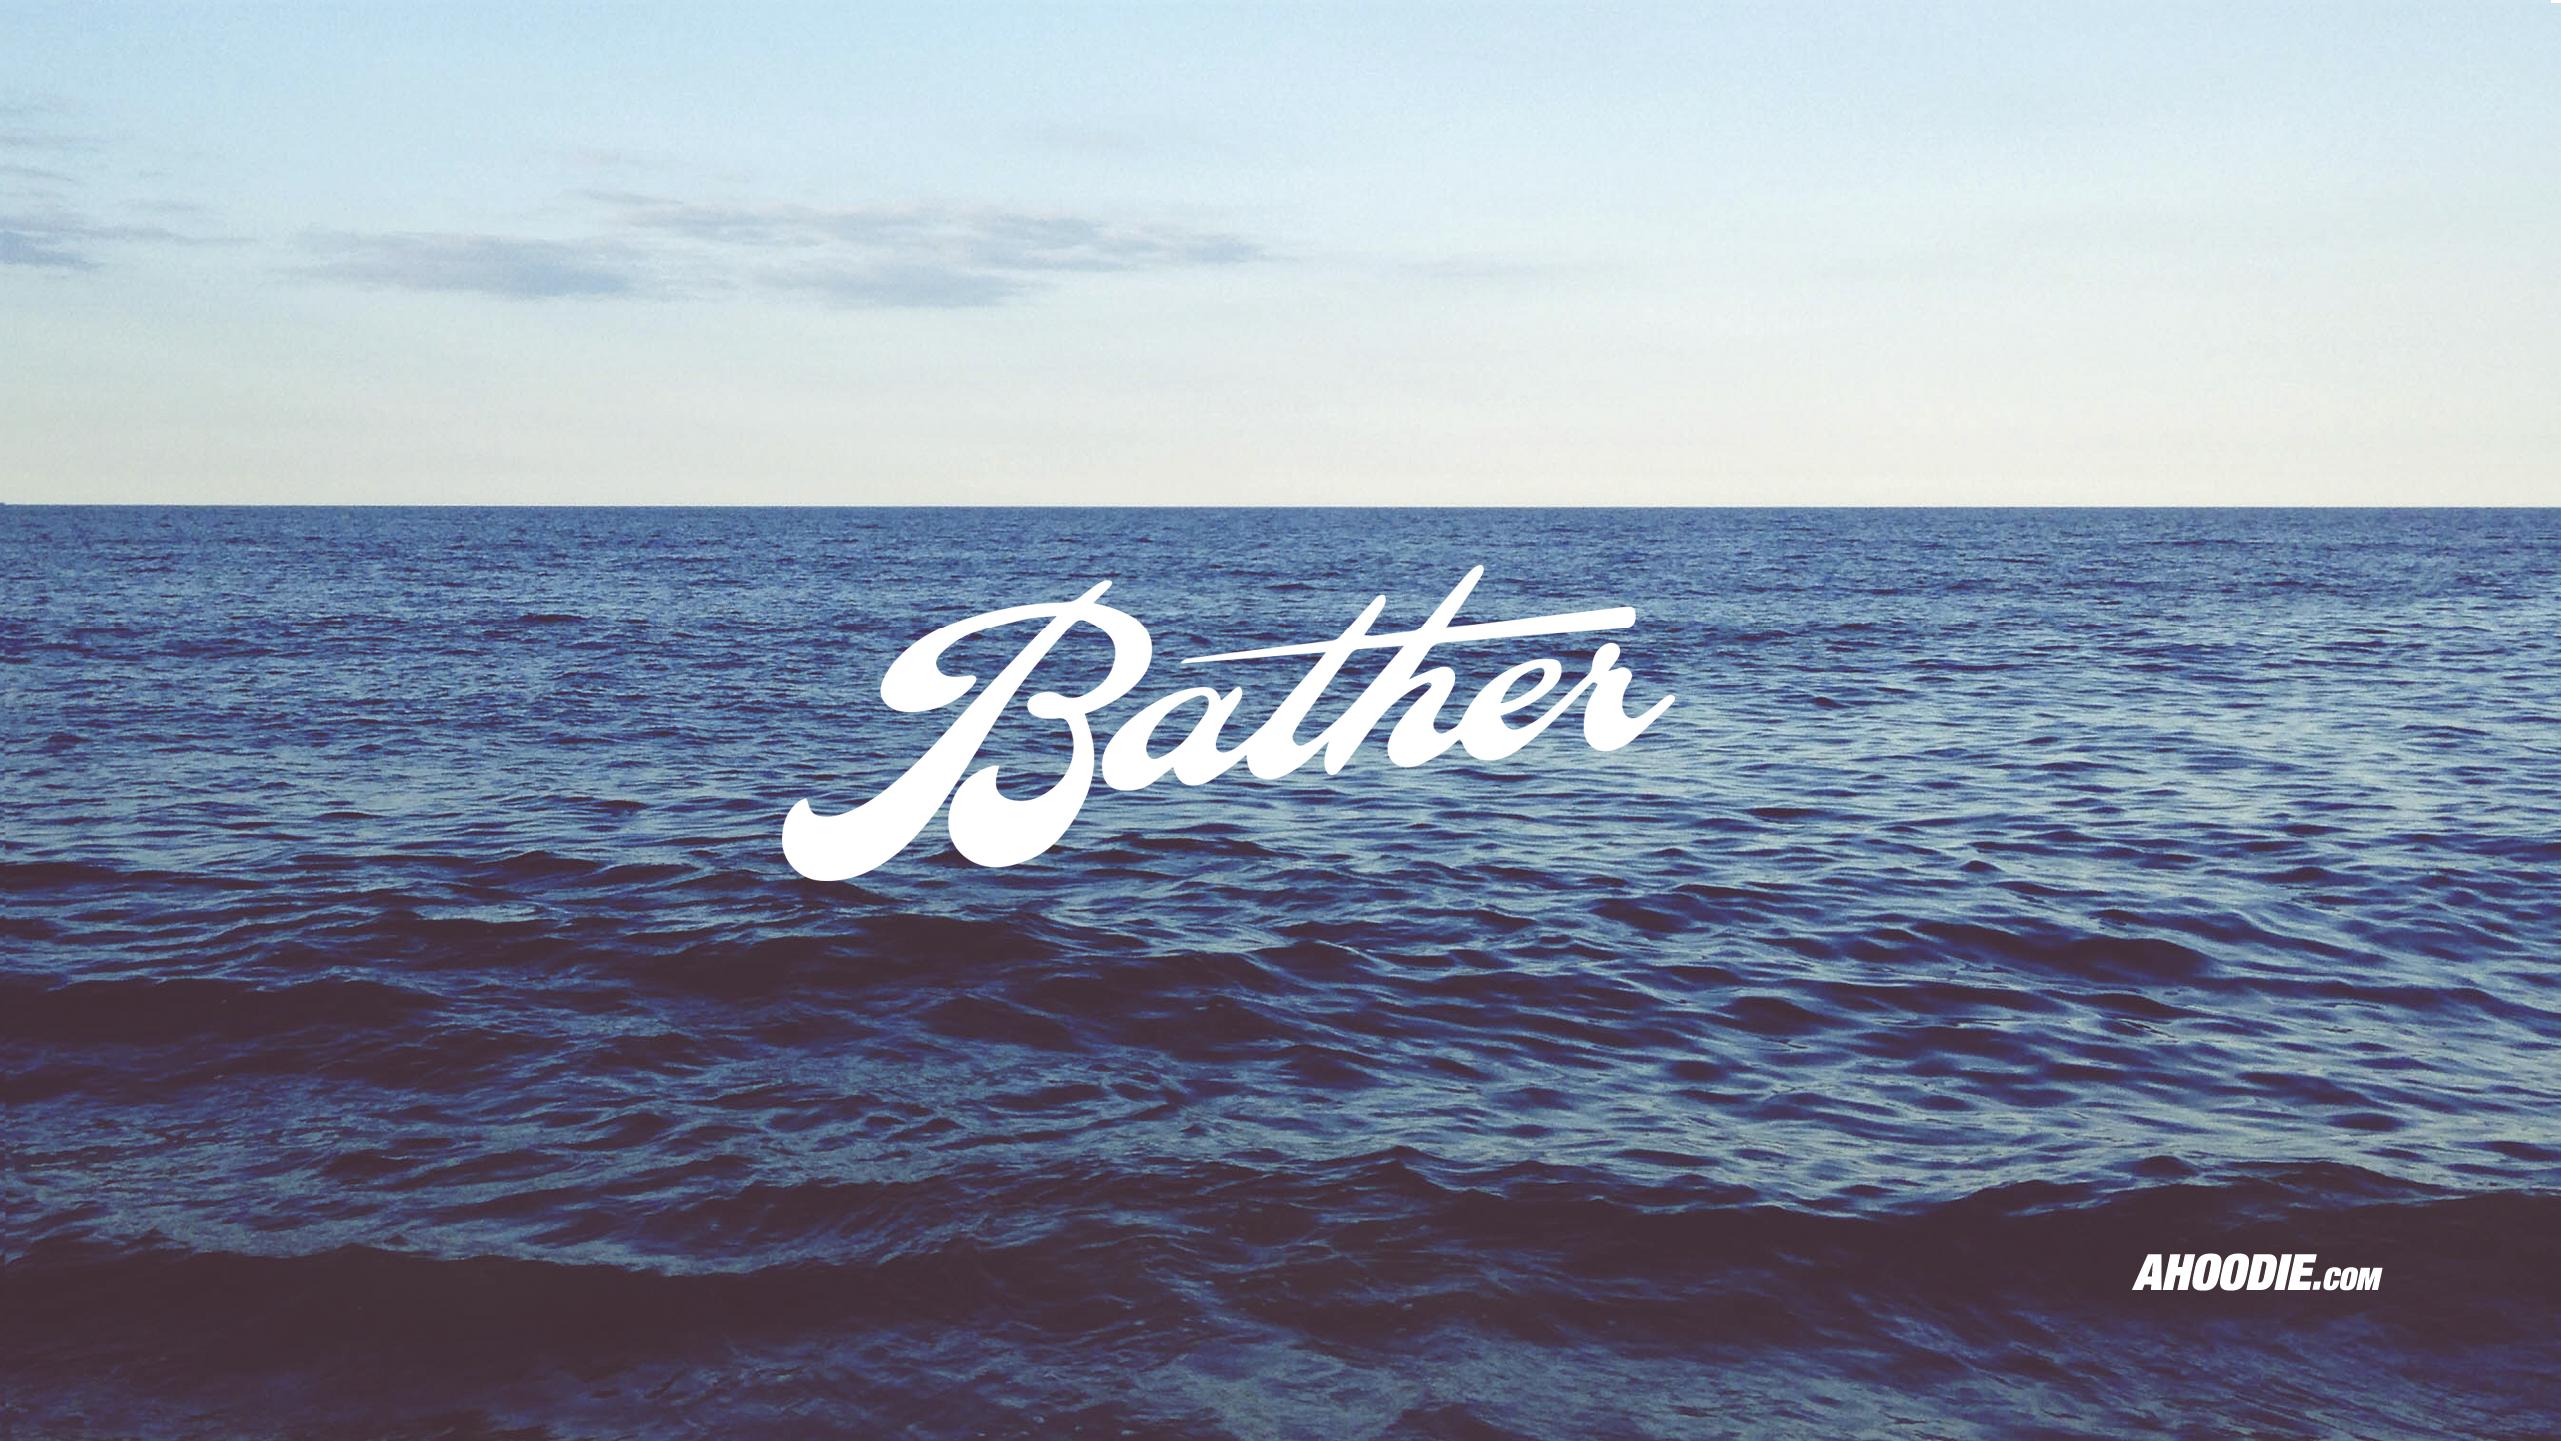 Bather Seaside